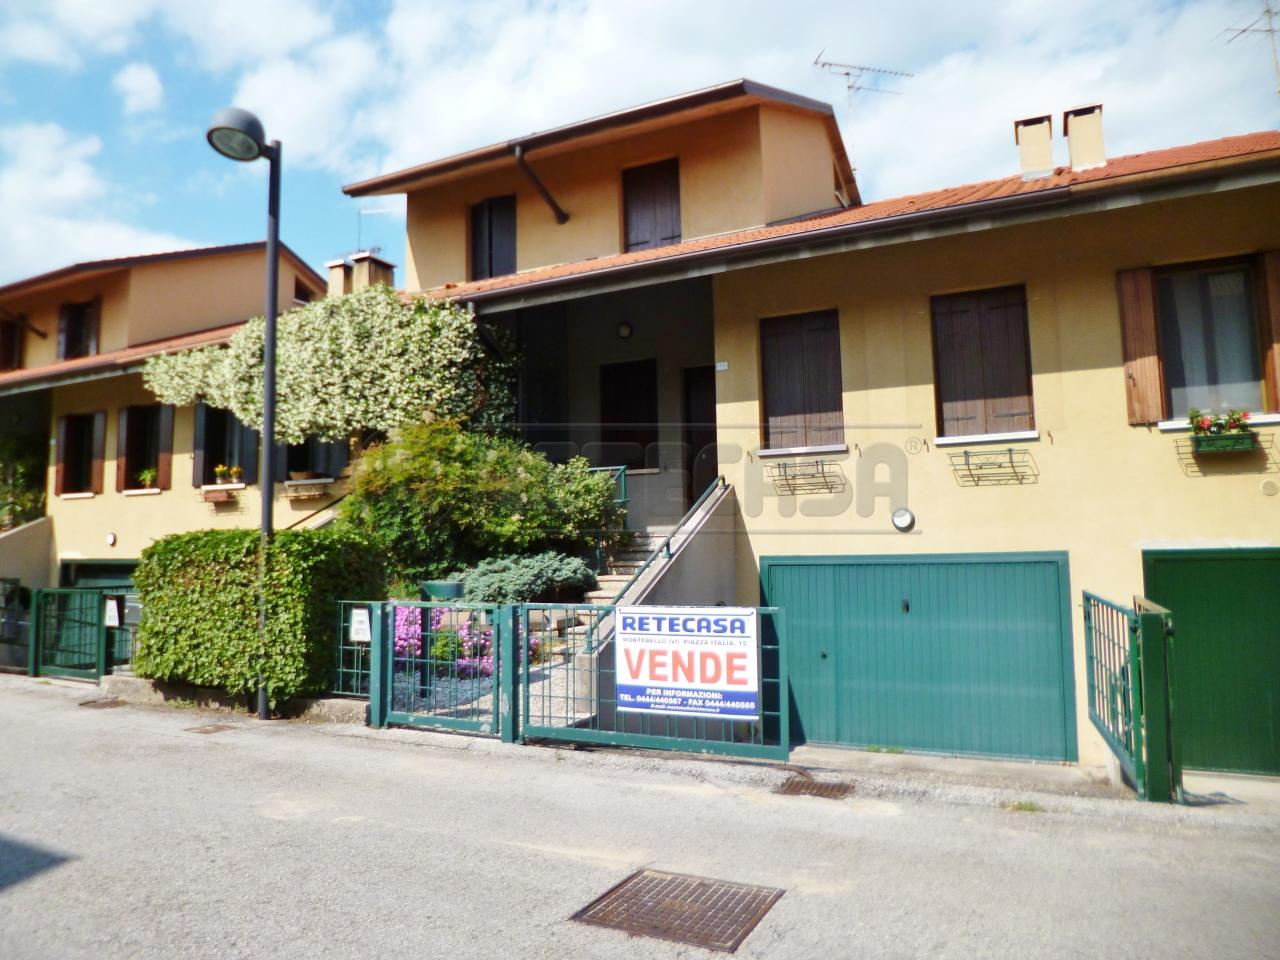 Soluzione Semindipendente in vendita a Montebello Vicentino, 9999 locali, prezzo € 175.000 | Cambio Casa.it